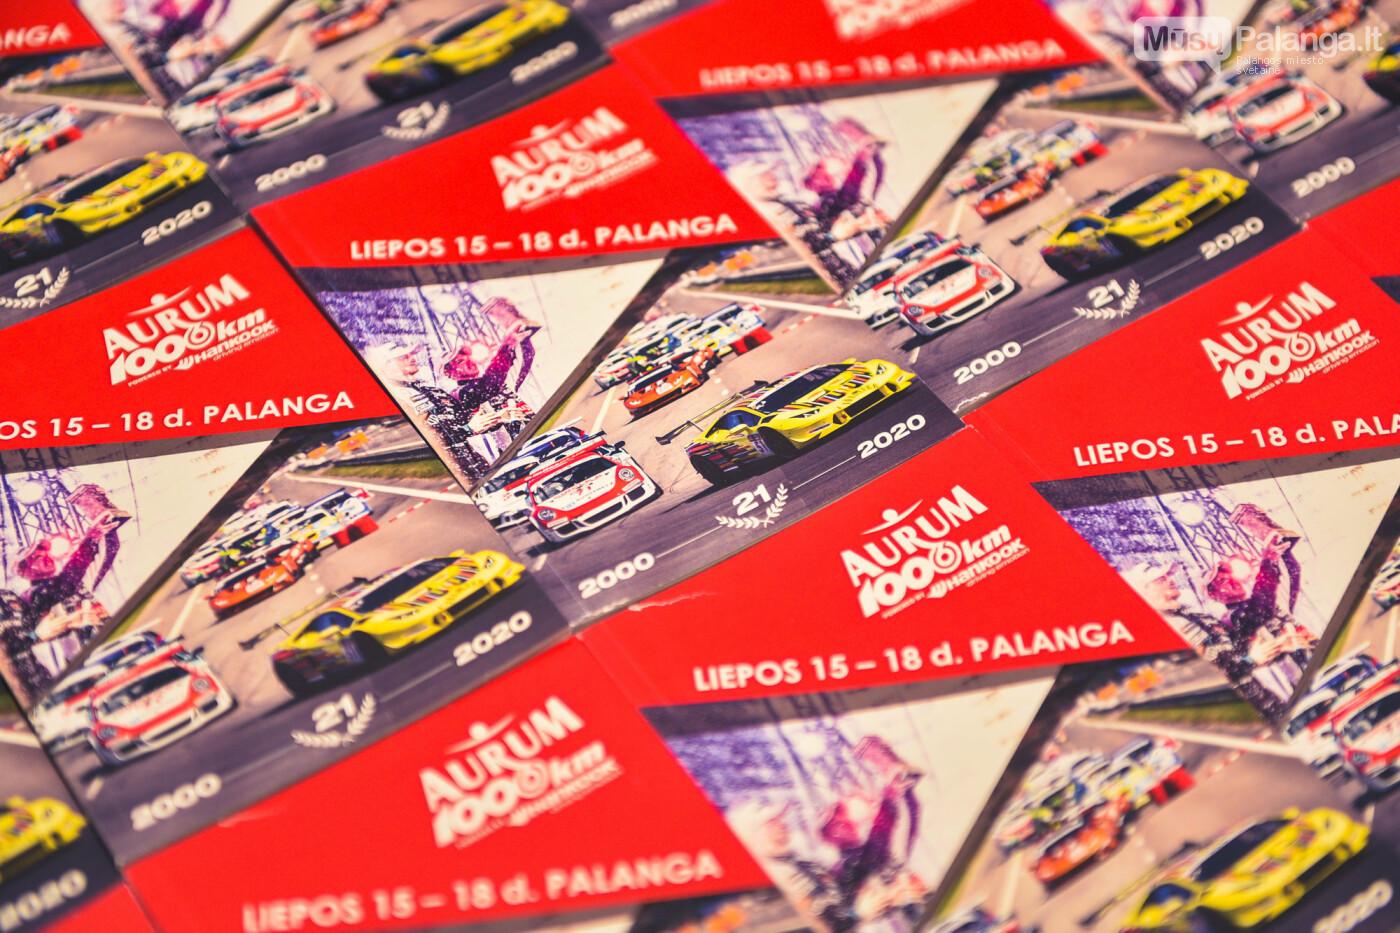 """Palanga alsuoja """"Aurum 1006 km lenktynių"""" ritmu, nuotrauka-117, Vytauto PILKAUSKO ir Arno STRUMILOS nuotr."""